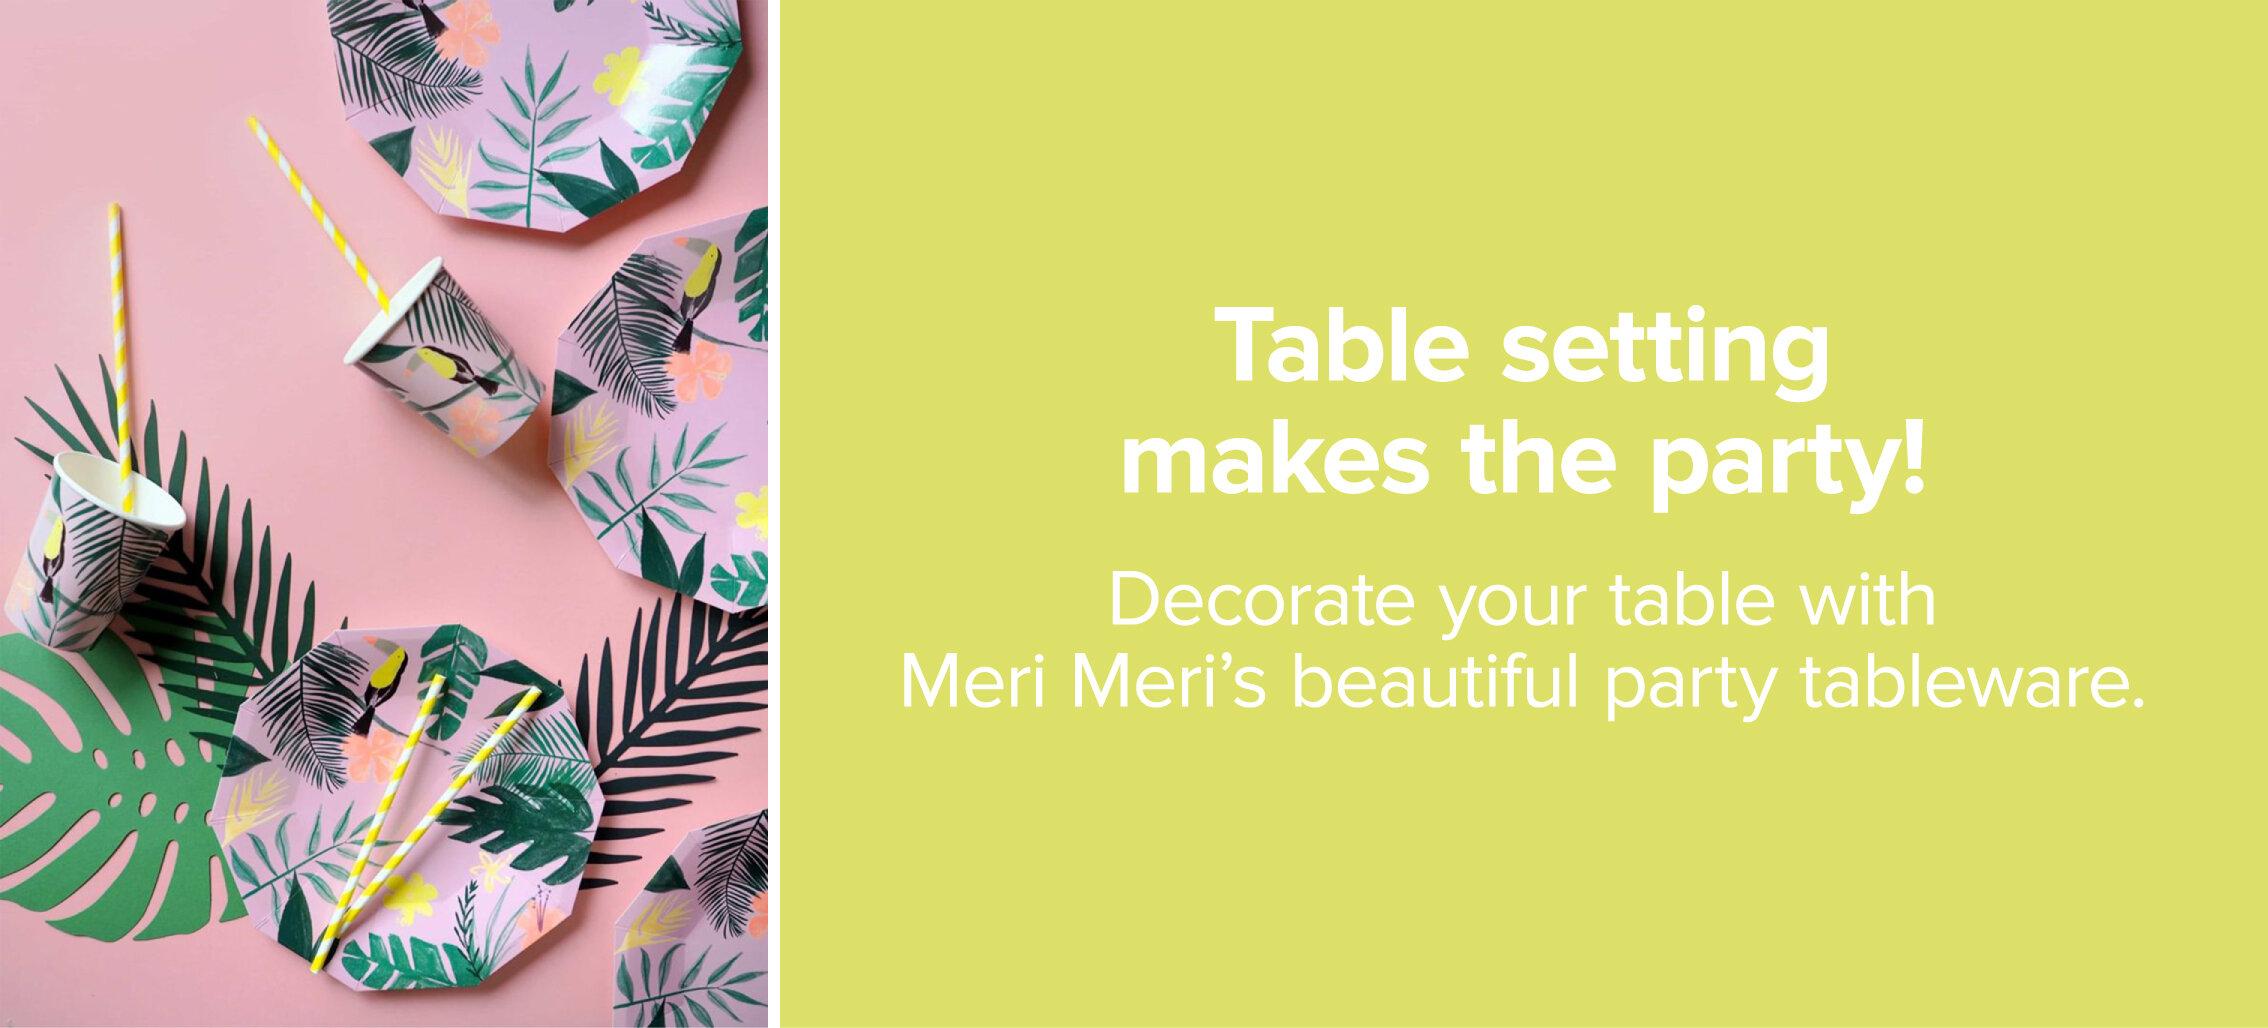 MeriMeri_Hero_party-tableware.jpg